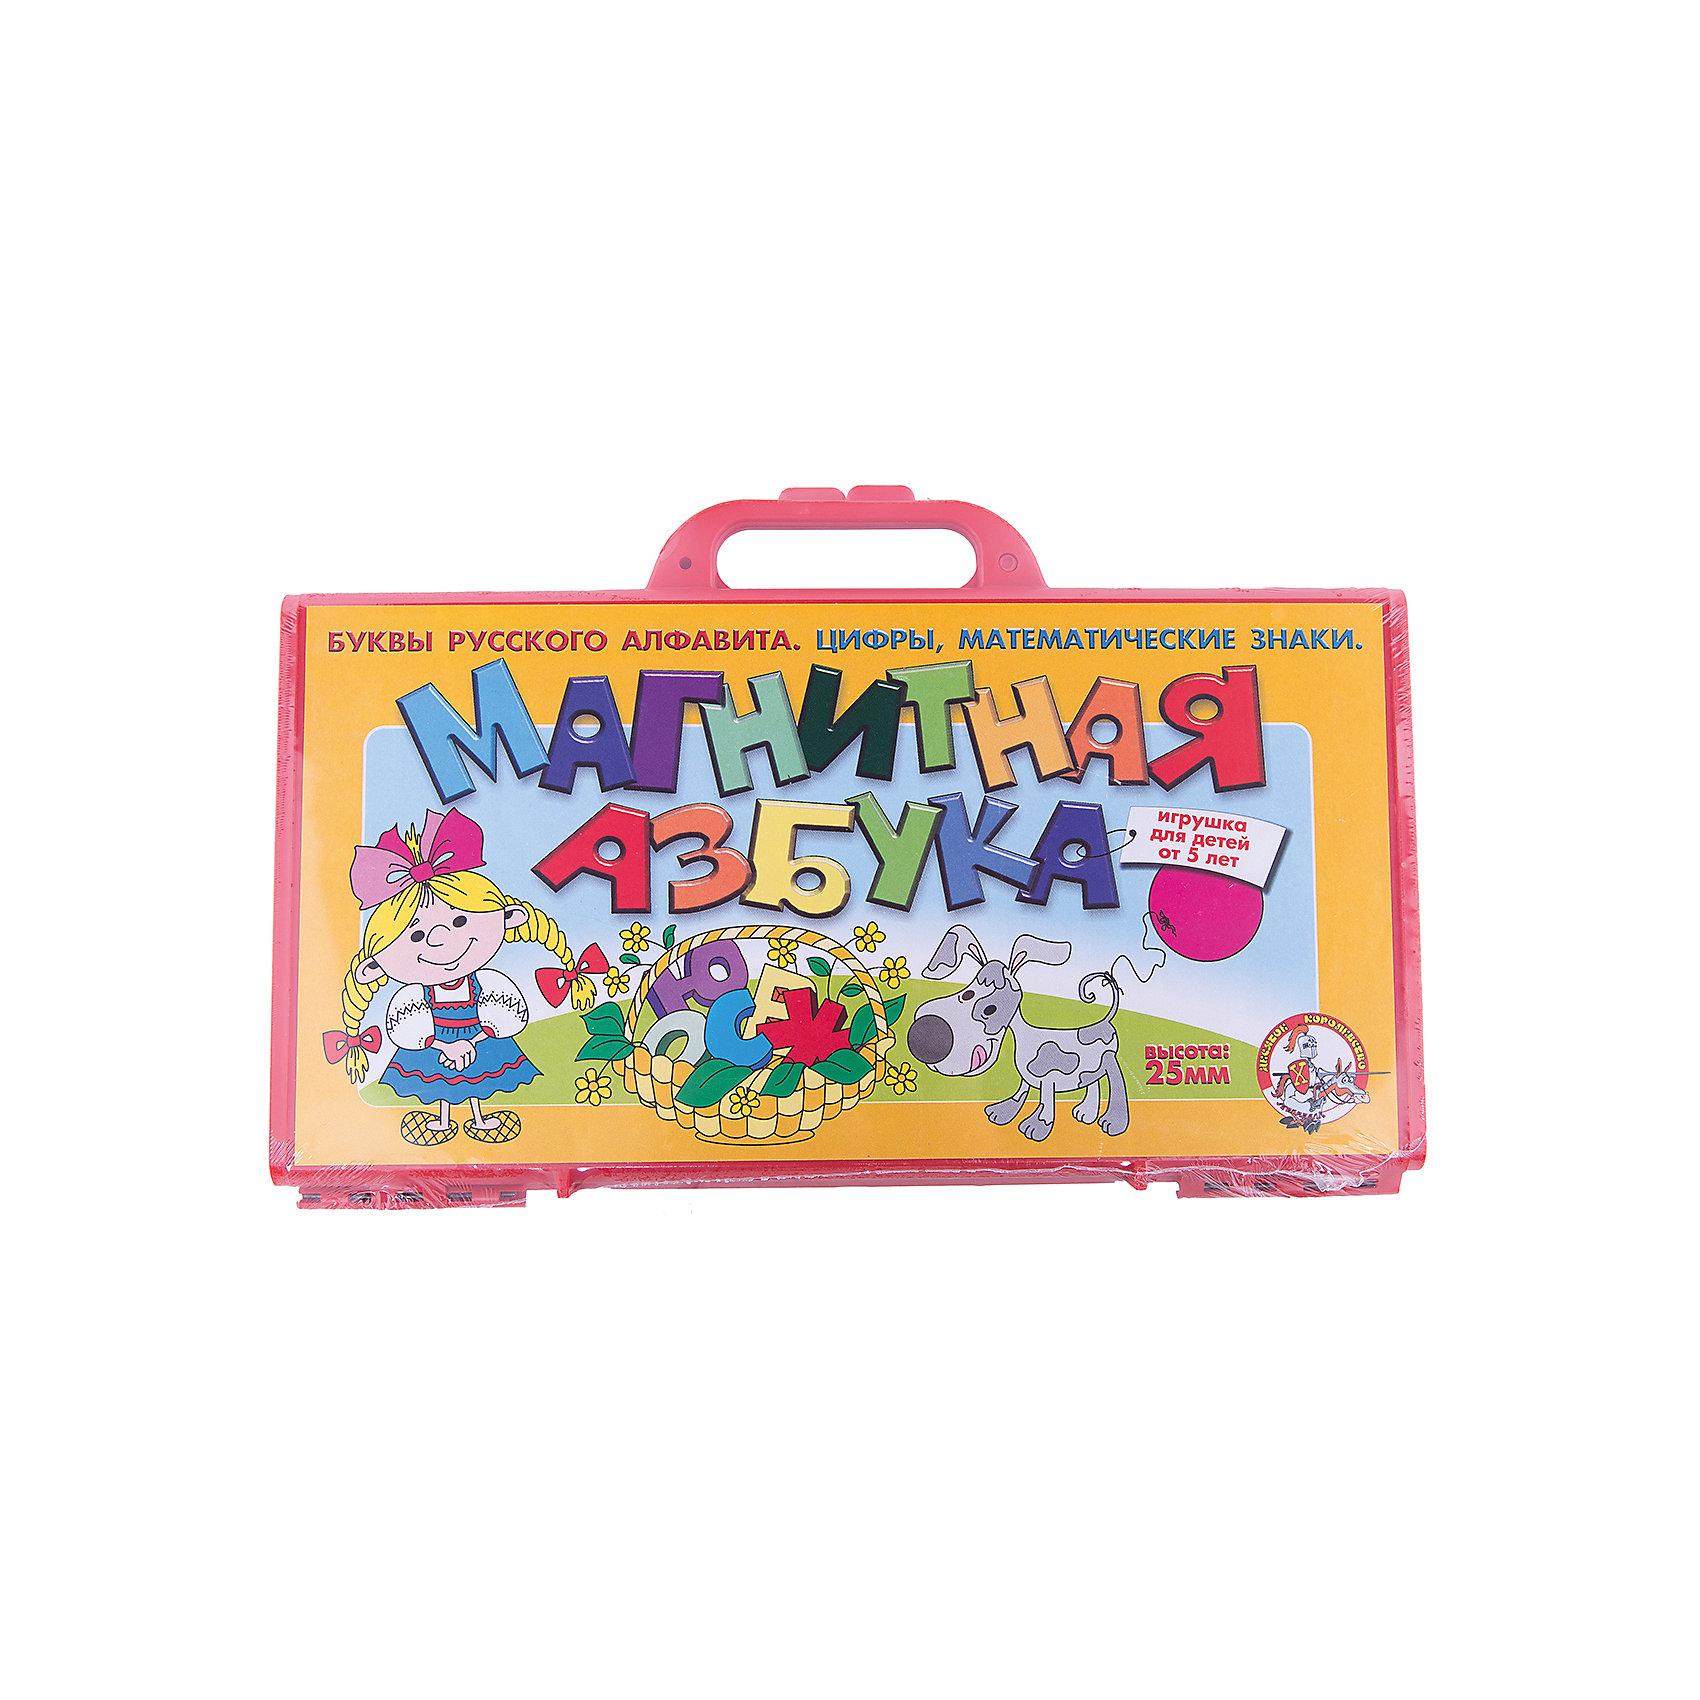 Магнитная Азбука в чемодане, Десятое королевствоКасса букв<br>Магнитная Азбука в чемодане, Десятое королевство<br><br>Характеристики:<br><br>• В комплекте: пластиковый чемодан, металлическая доска-экран, магнитные вкладыши, буквы и цифры<br>• Размер букв и цифр: 25мм<br>• Количество букв и цифр: 79 шт<br>• Размер чемодана: 39х25,5х3 см<br><br>Этот набор будет служить удобным и наглядным пособием для детей, изучающих буквы и основы счета. На магнитной доске удобно закреплять содержащиеся в наборе объемные буквы и цифры (высотой 25 мм). Пользуясь набором можно закреплять знания по русскому языку и решать примеры на сложение-вычитание. Весь набор хранится в удобном чемодане и легок в транспортировке.<br><br>Магнитная Азбука в чемодане, Десятое королевство можно купить в нашем интернет-магазине.<br><br>Ширина мм: 380<br>Глубина мм: 240<br>Высота мм: 30<br>Вес г: 910<br>Возраст от месяцев: 60<br>Возраст до месяцев: 84<br>Пол: Унисекс<br>Возраст: Детский<br>SKU: 5471702